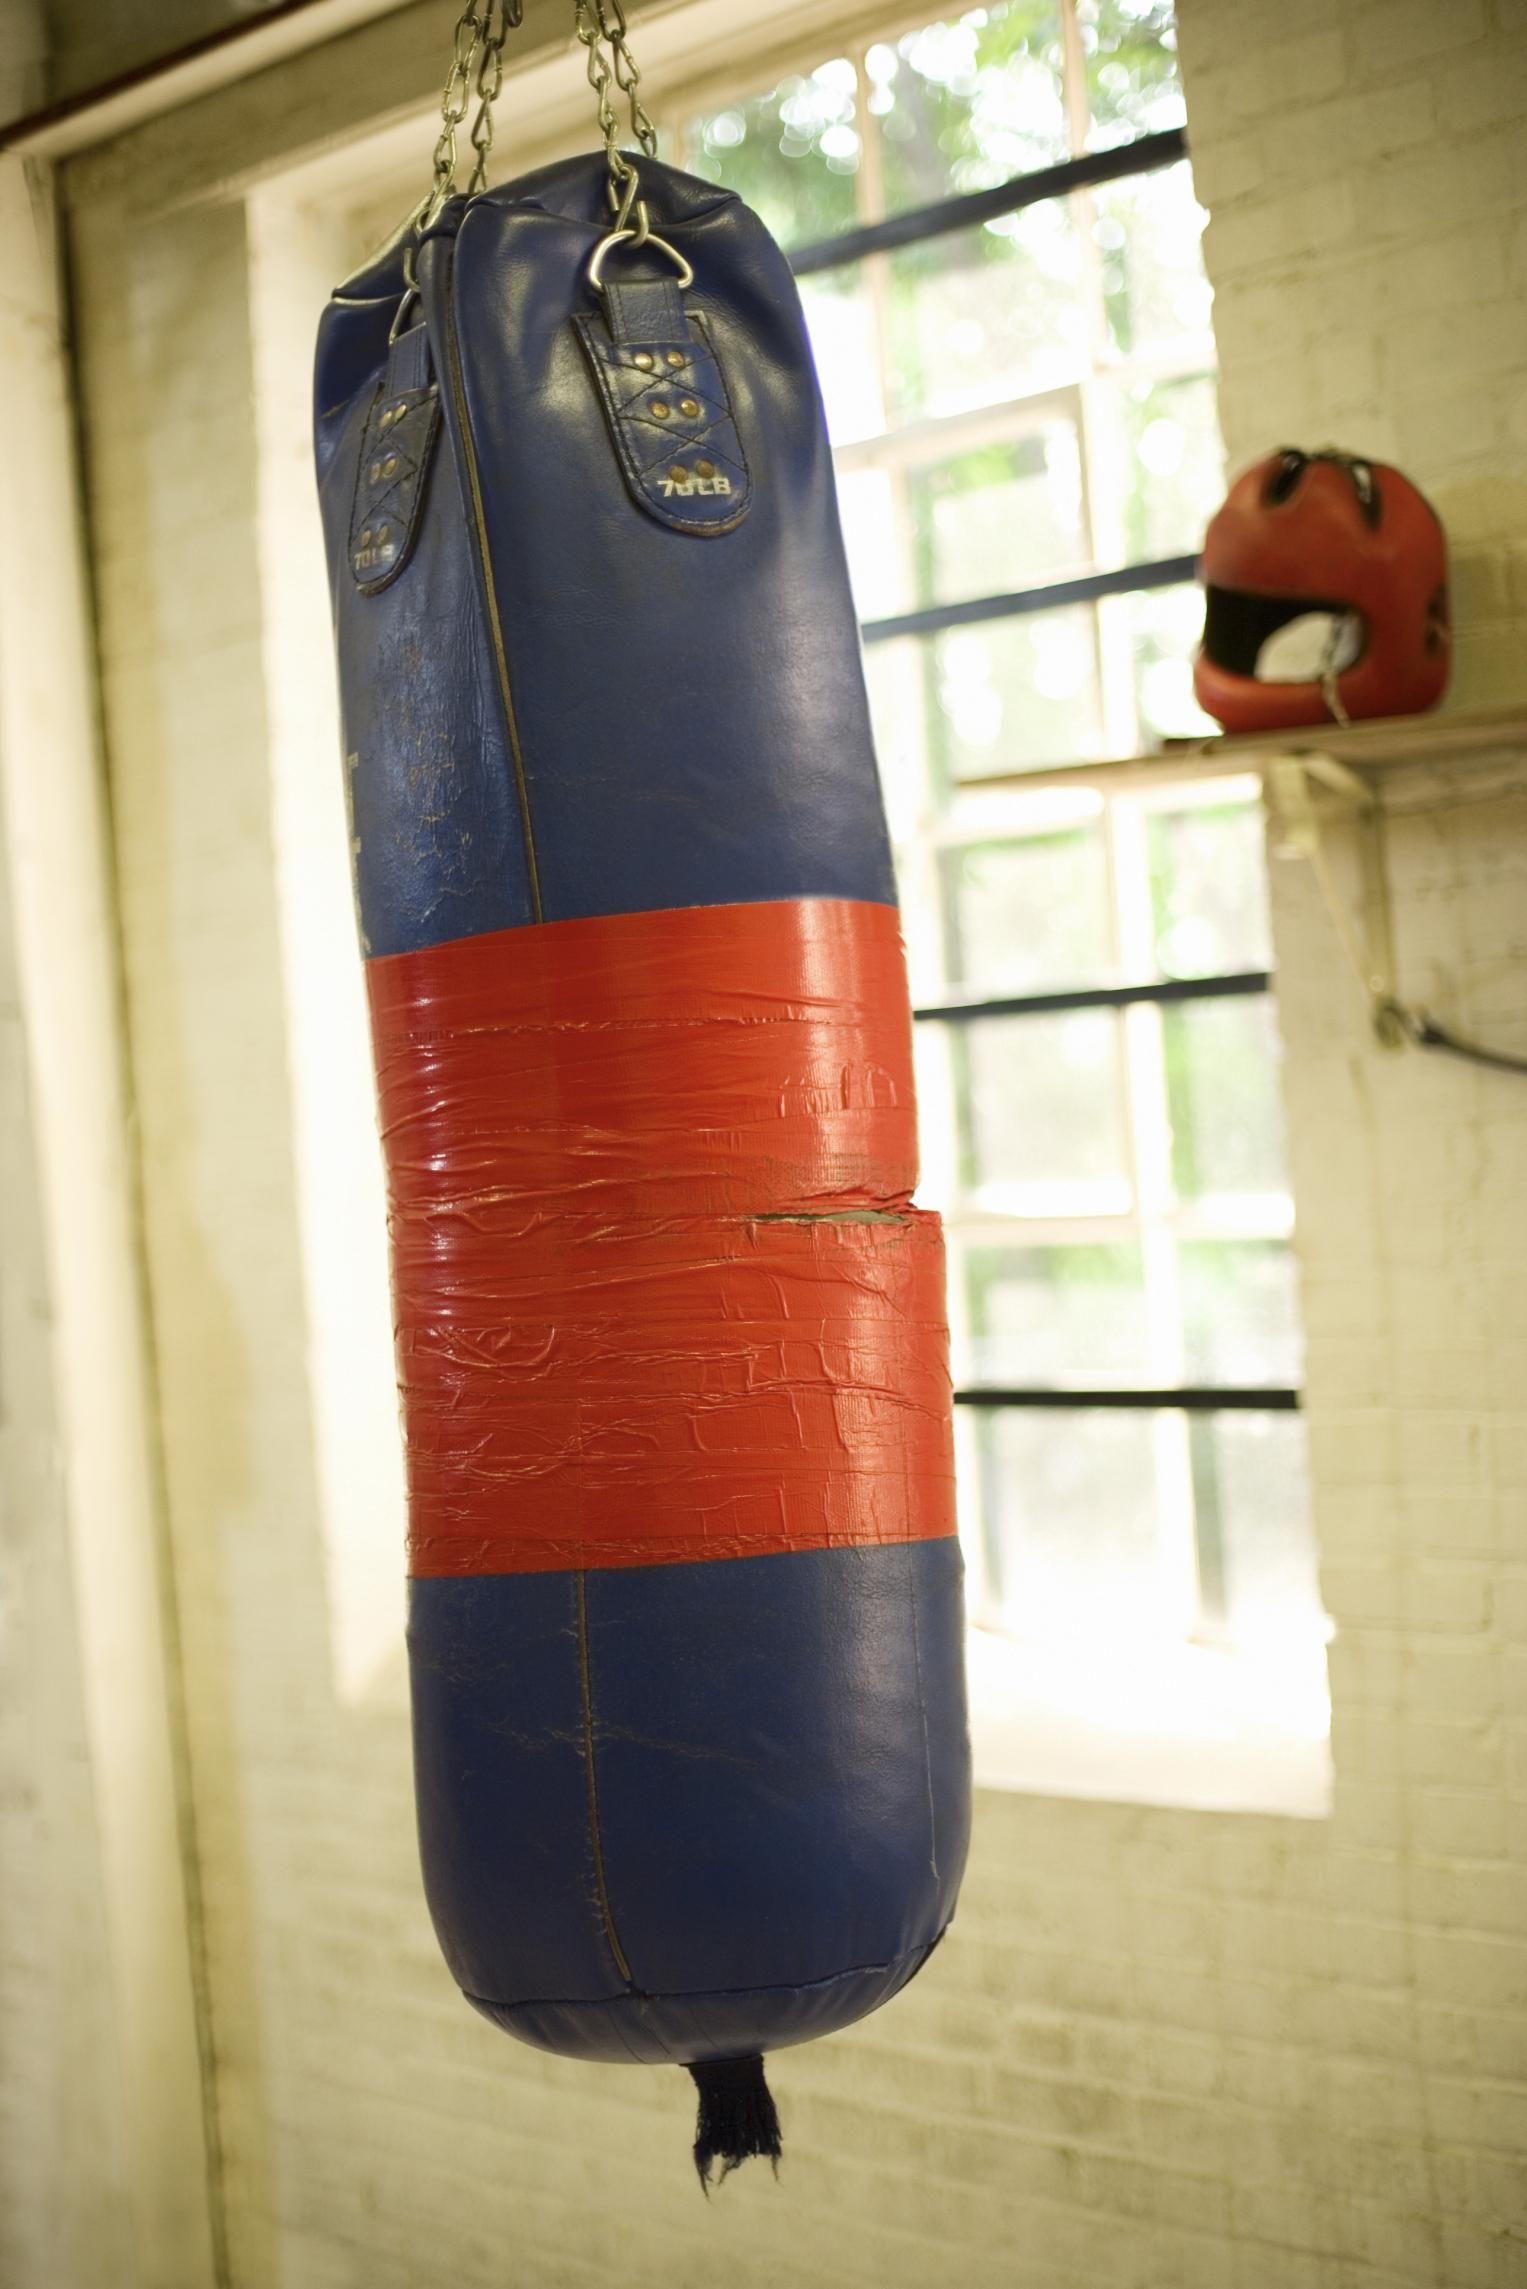 db0218727 Como fazer um saco de boxe caseiro